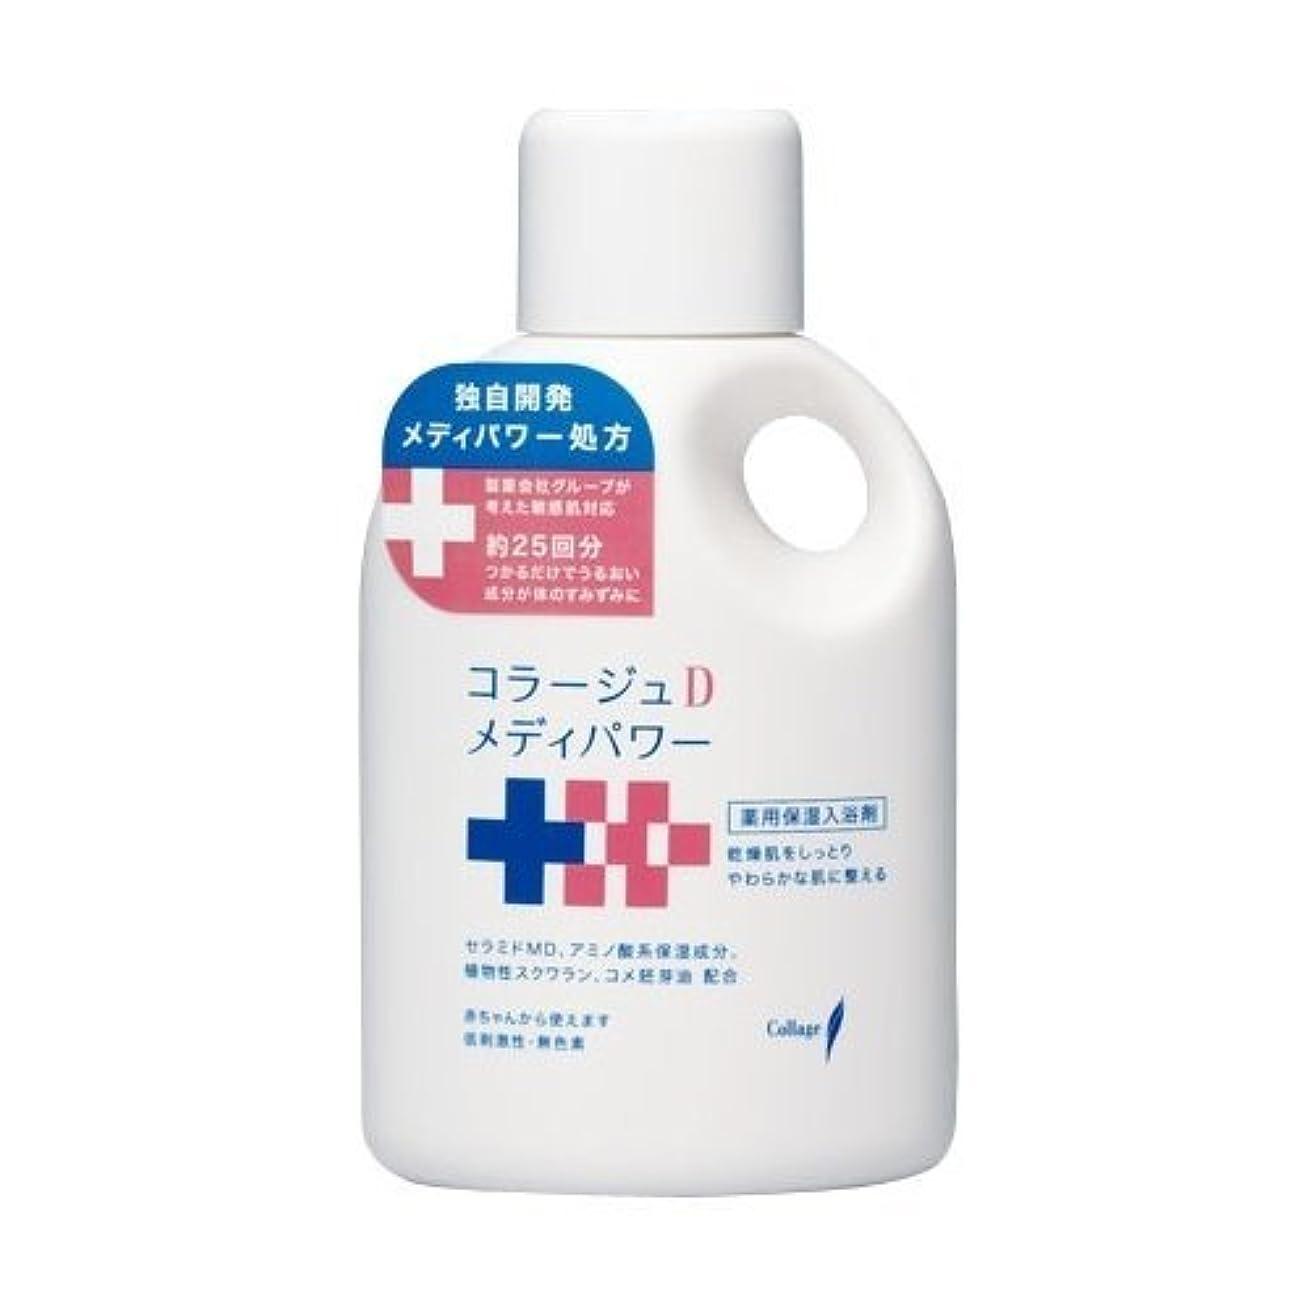 情報ニュージーランドポルトガル語コラージュ Dメディパワー 保湿入浴剤 500mL (医薬部外品)